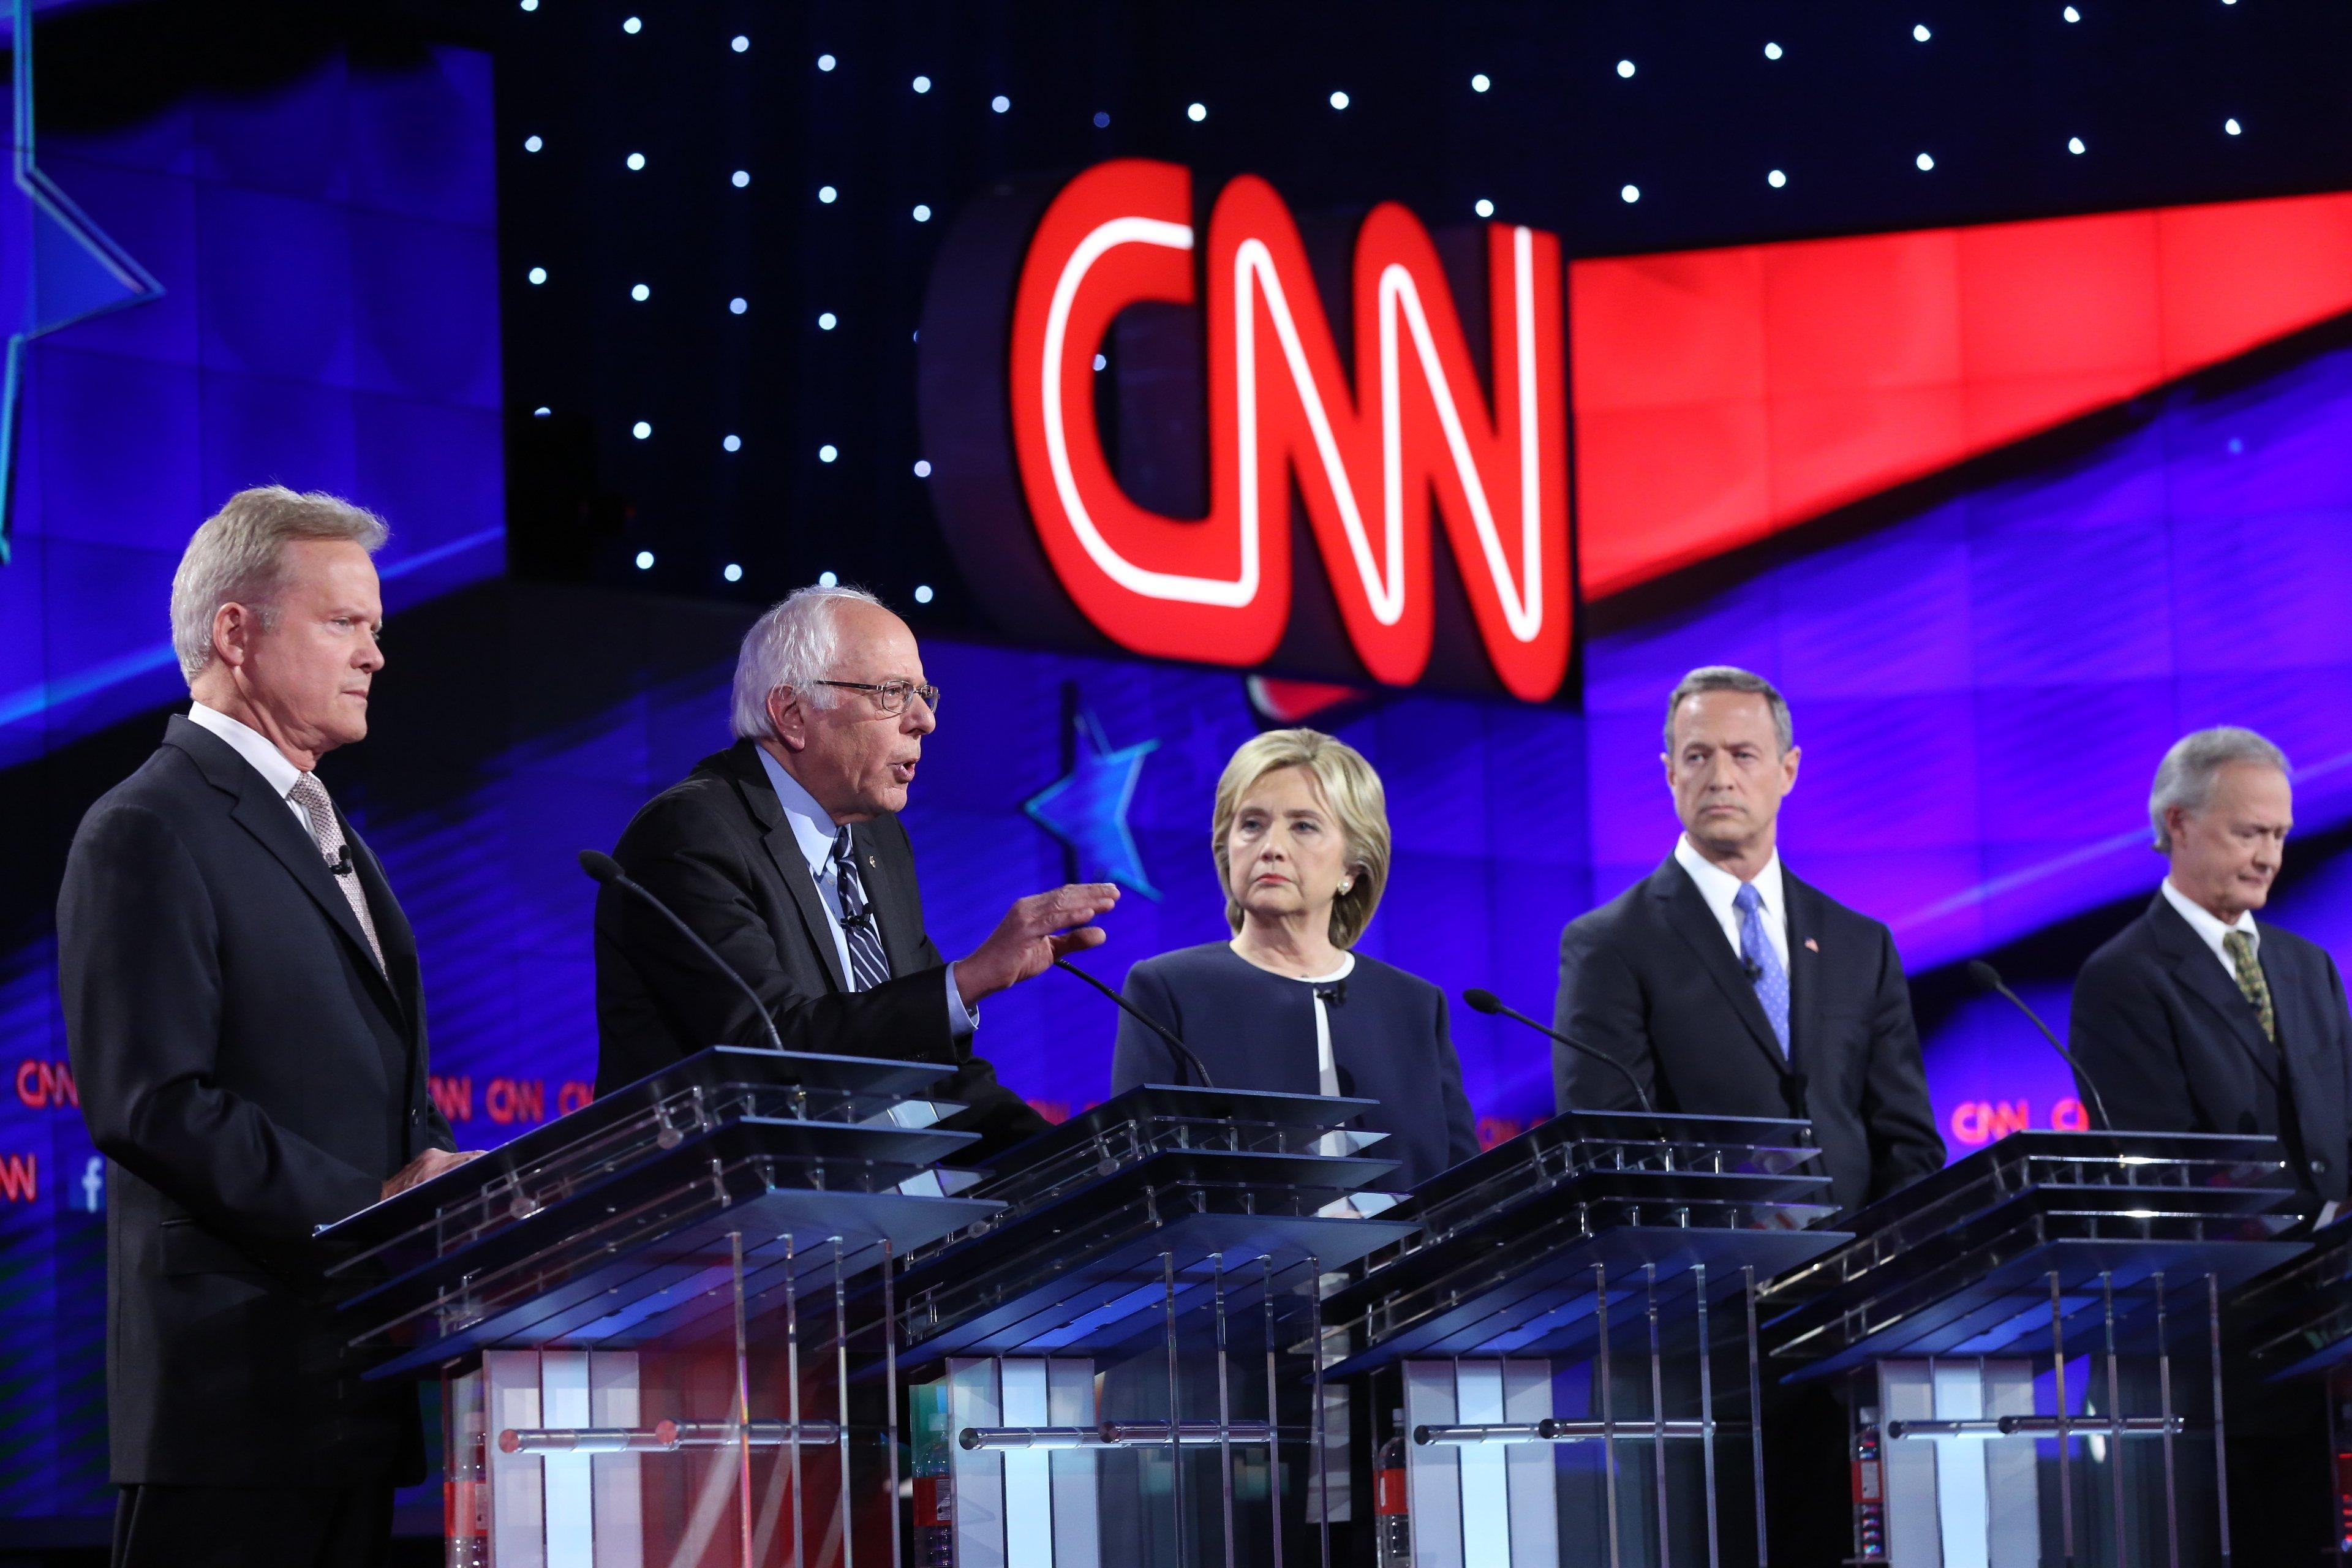 durante il dibattito tv tra i candidati democratici USA 2016